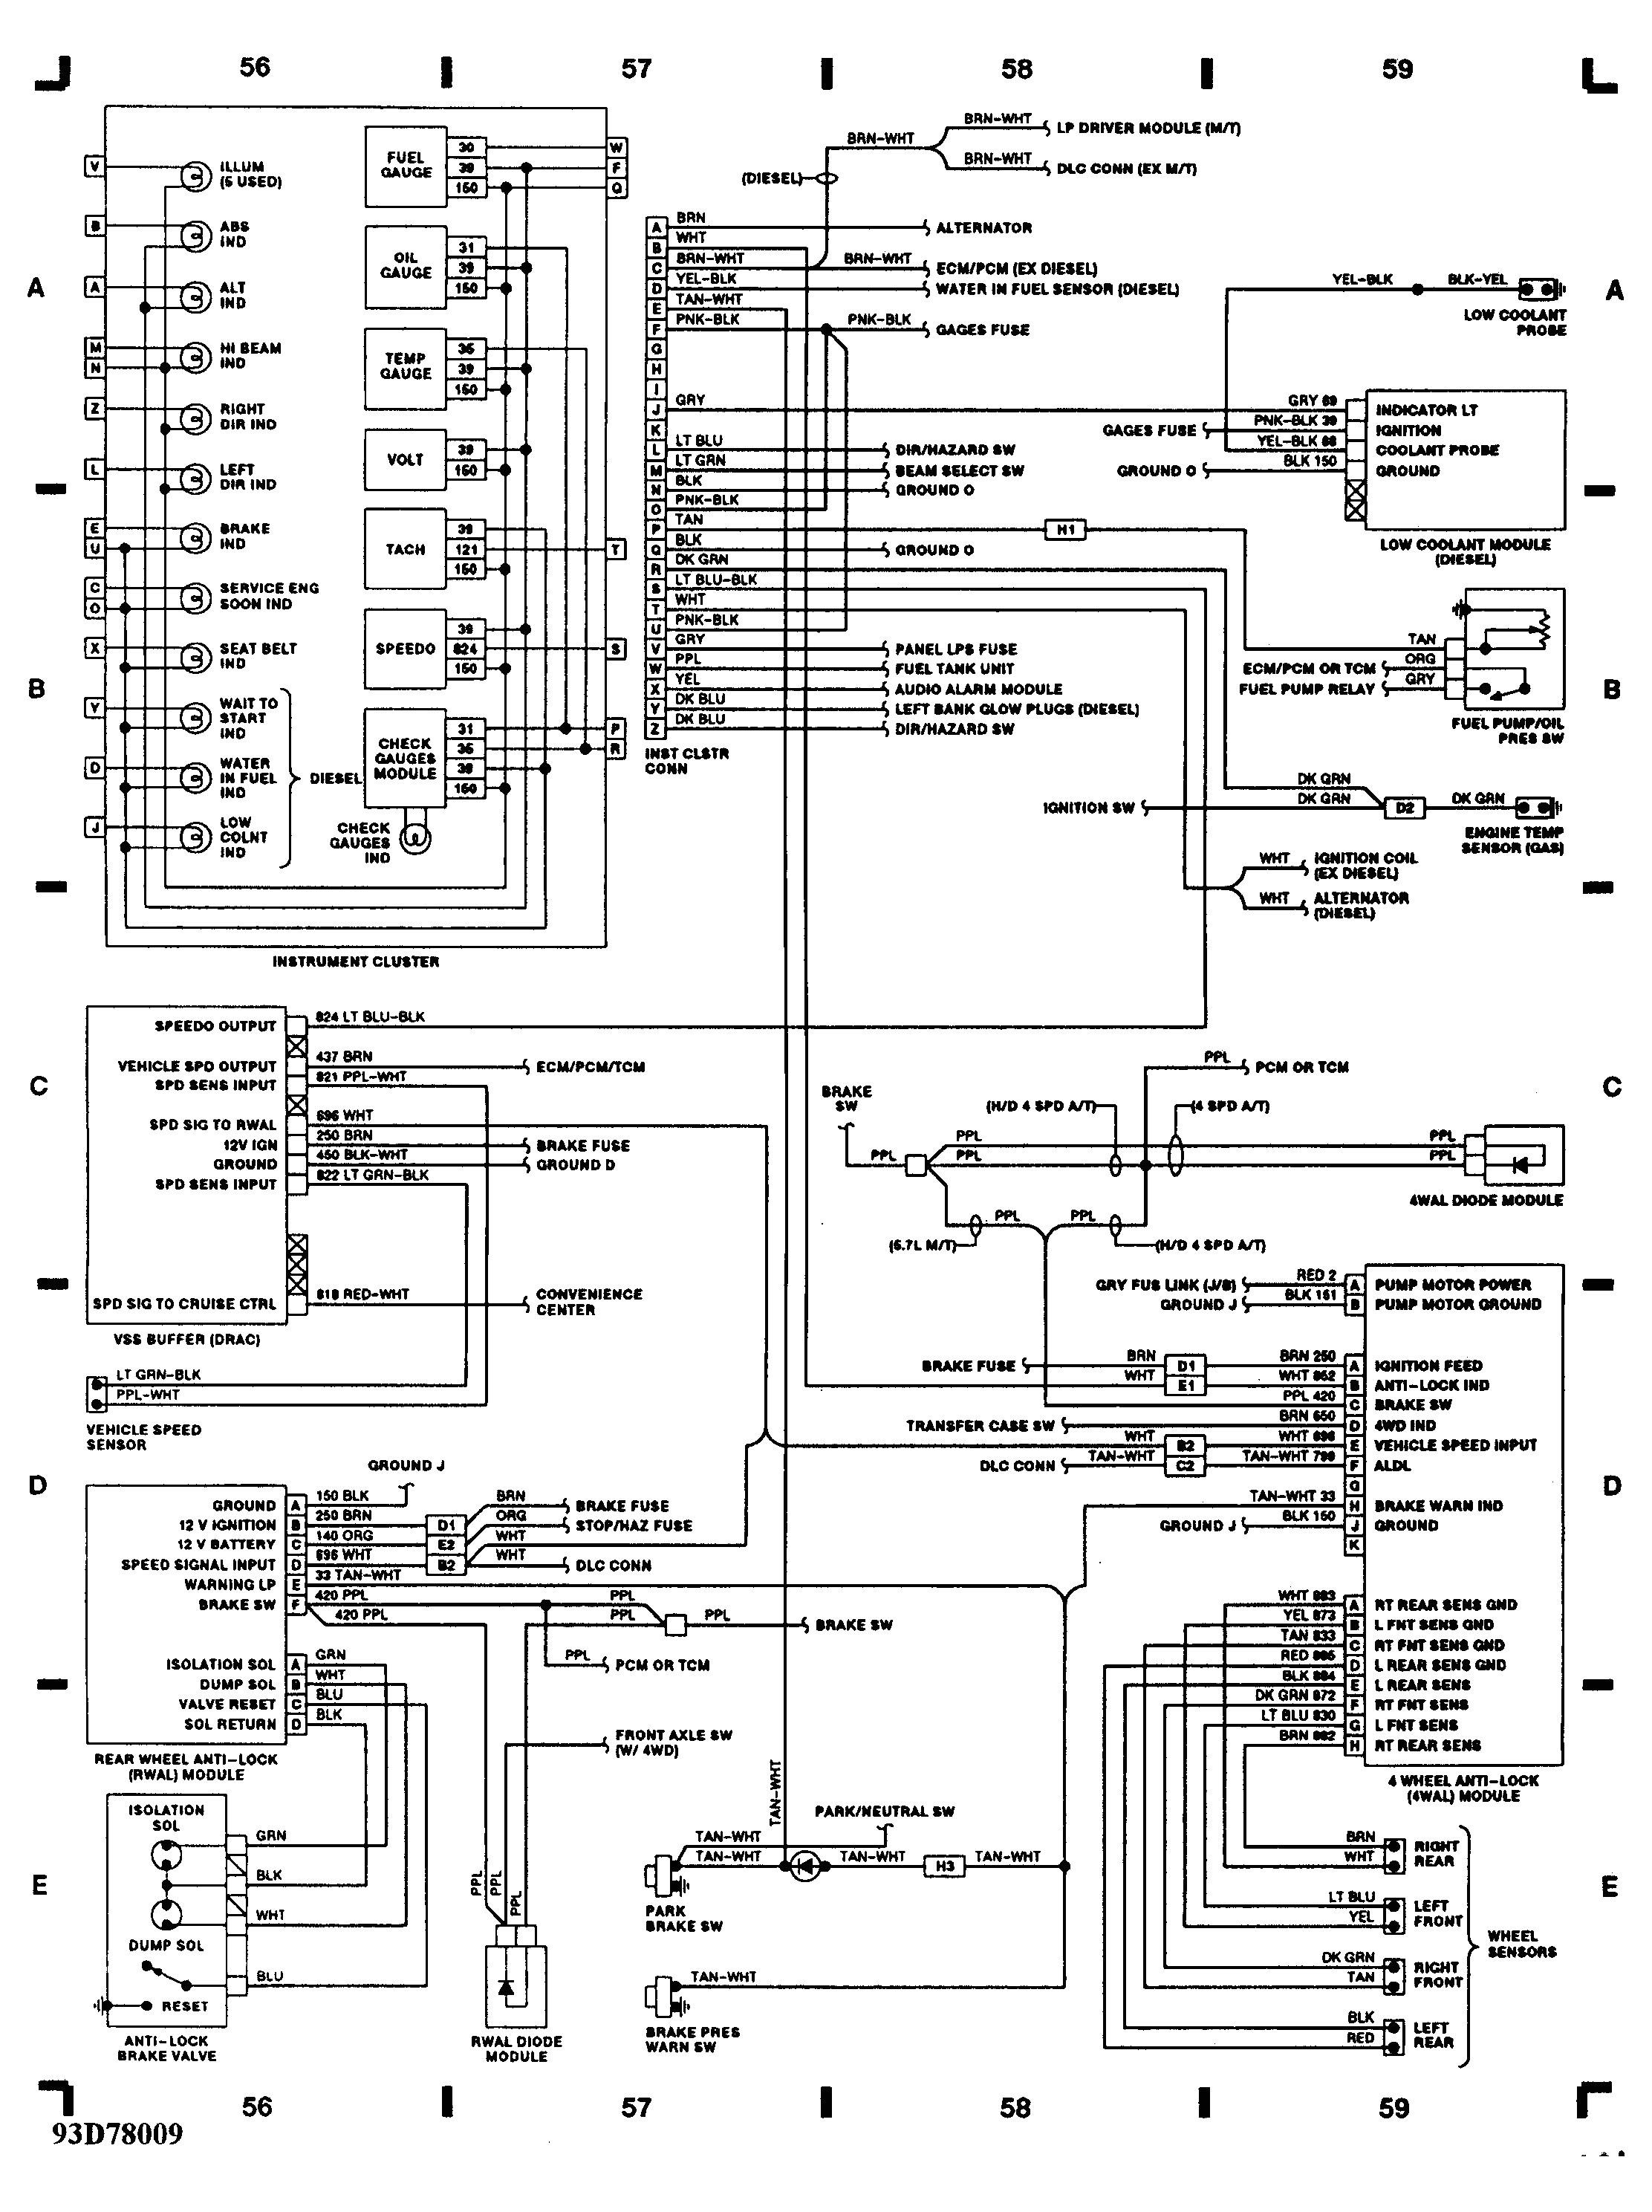 1993 chevrolet wiring diagram data schematic diagram 93 chevrolet radio wiring harness